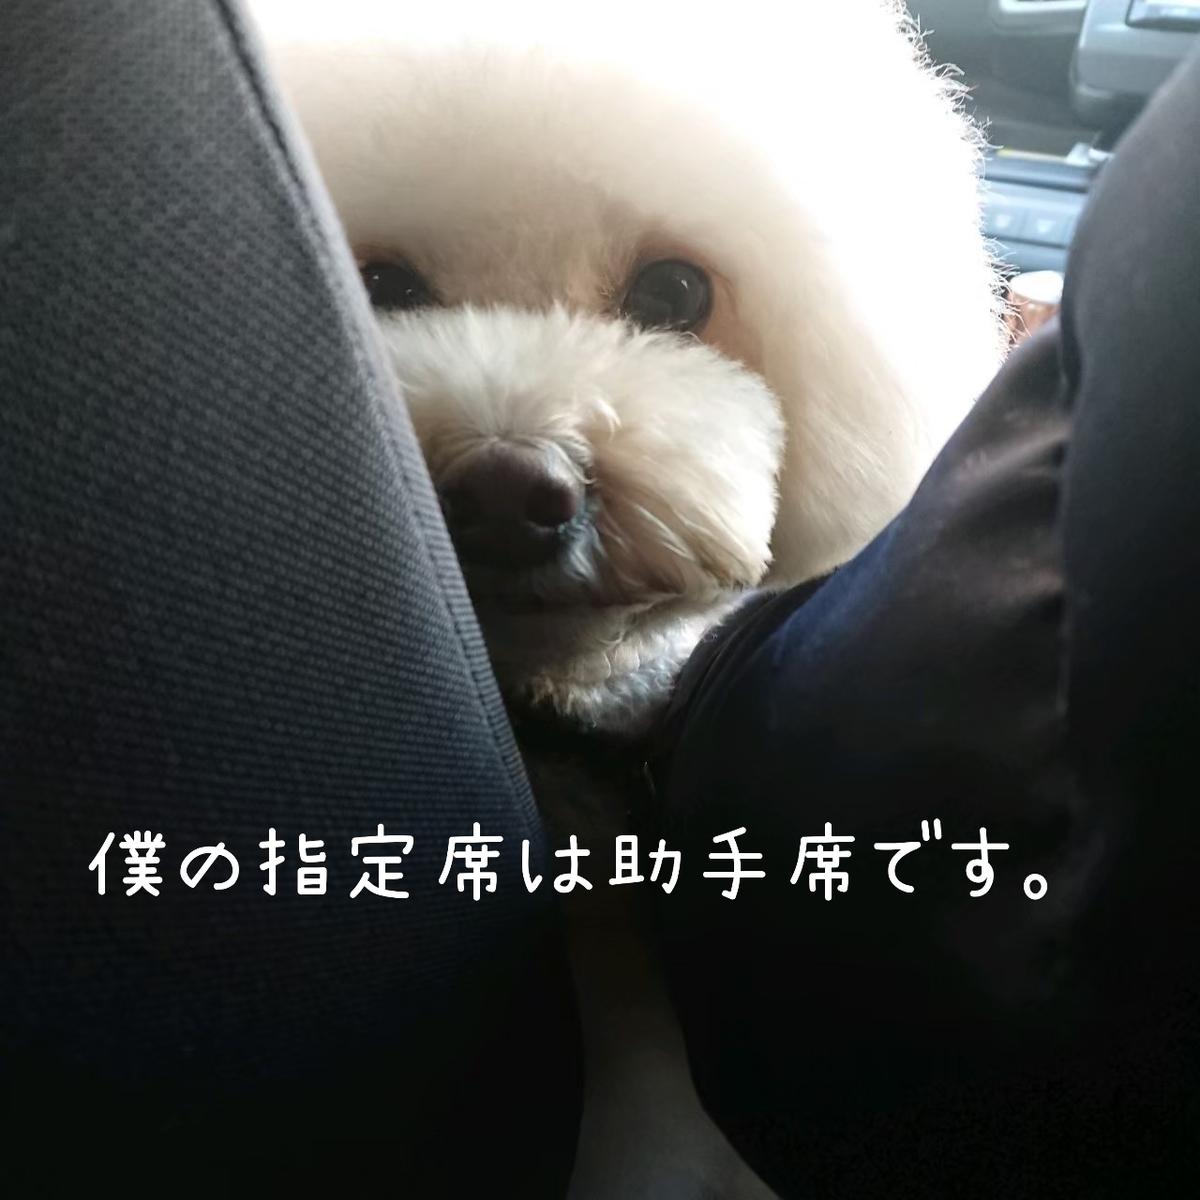 f:id:kotaro-dog:20210728013224j:plain